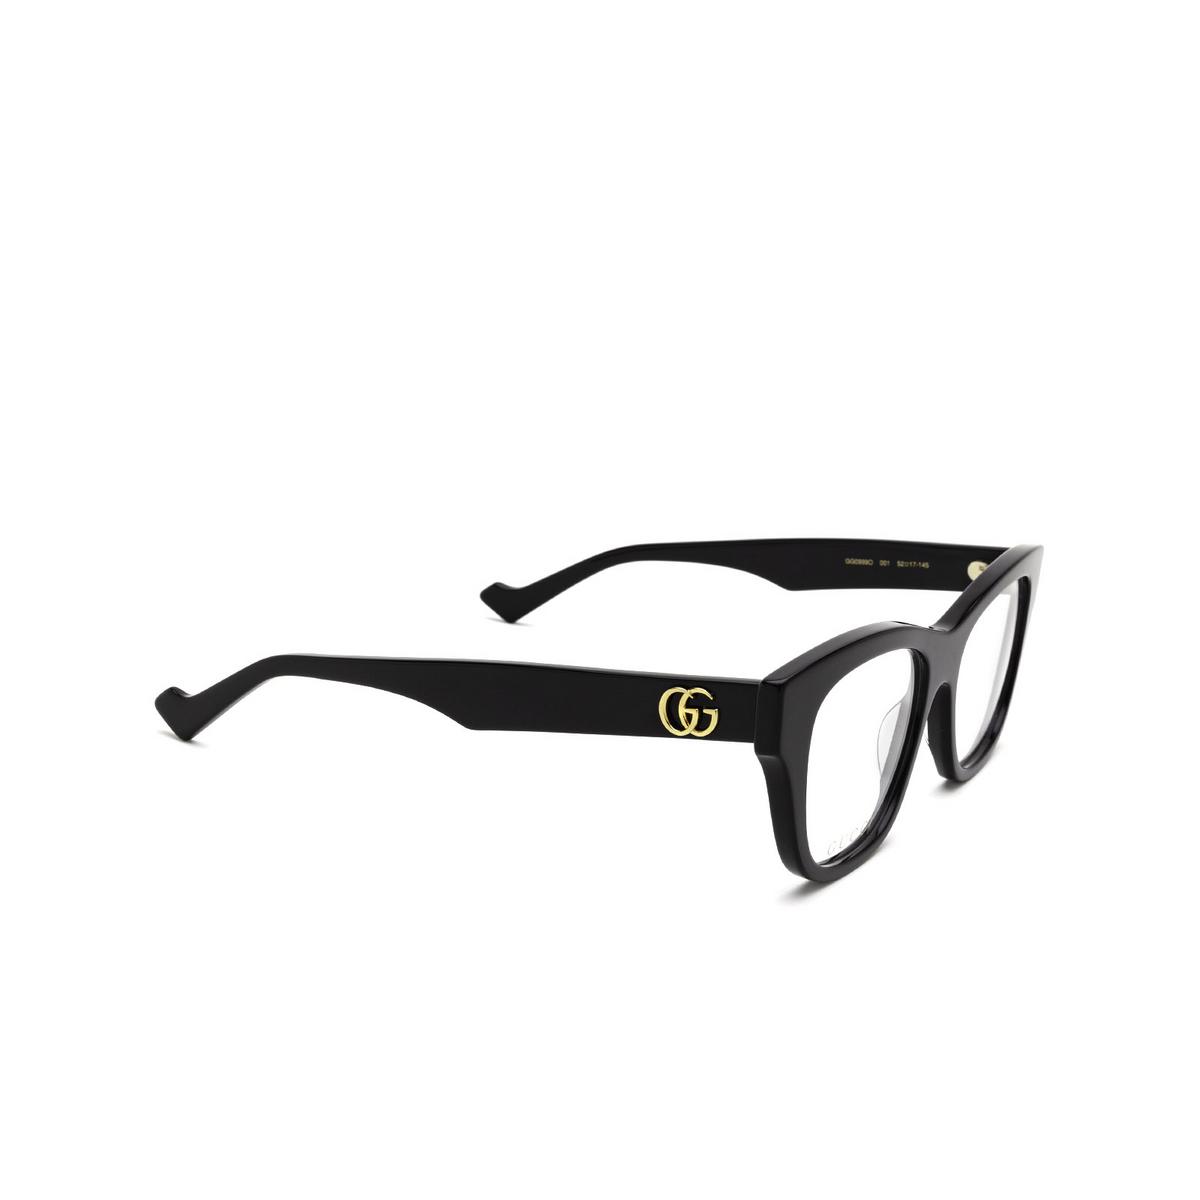 Gucci® Cat-eye Eyeglasses: GG0999O color Black 001 - three-quarters view.